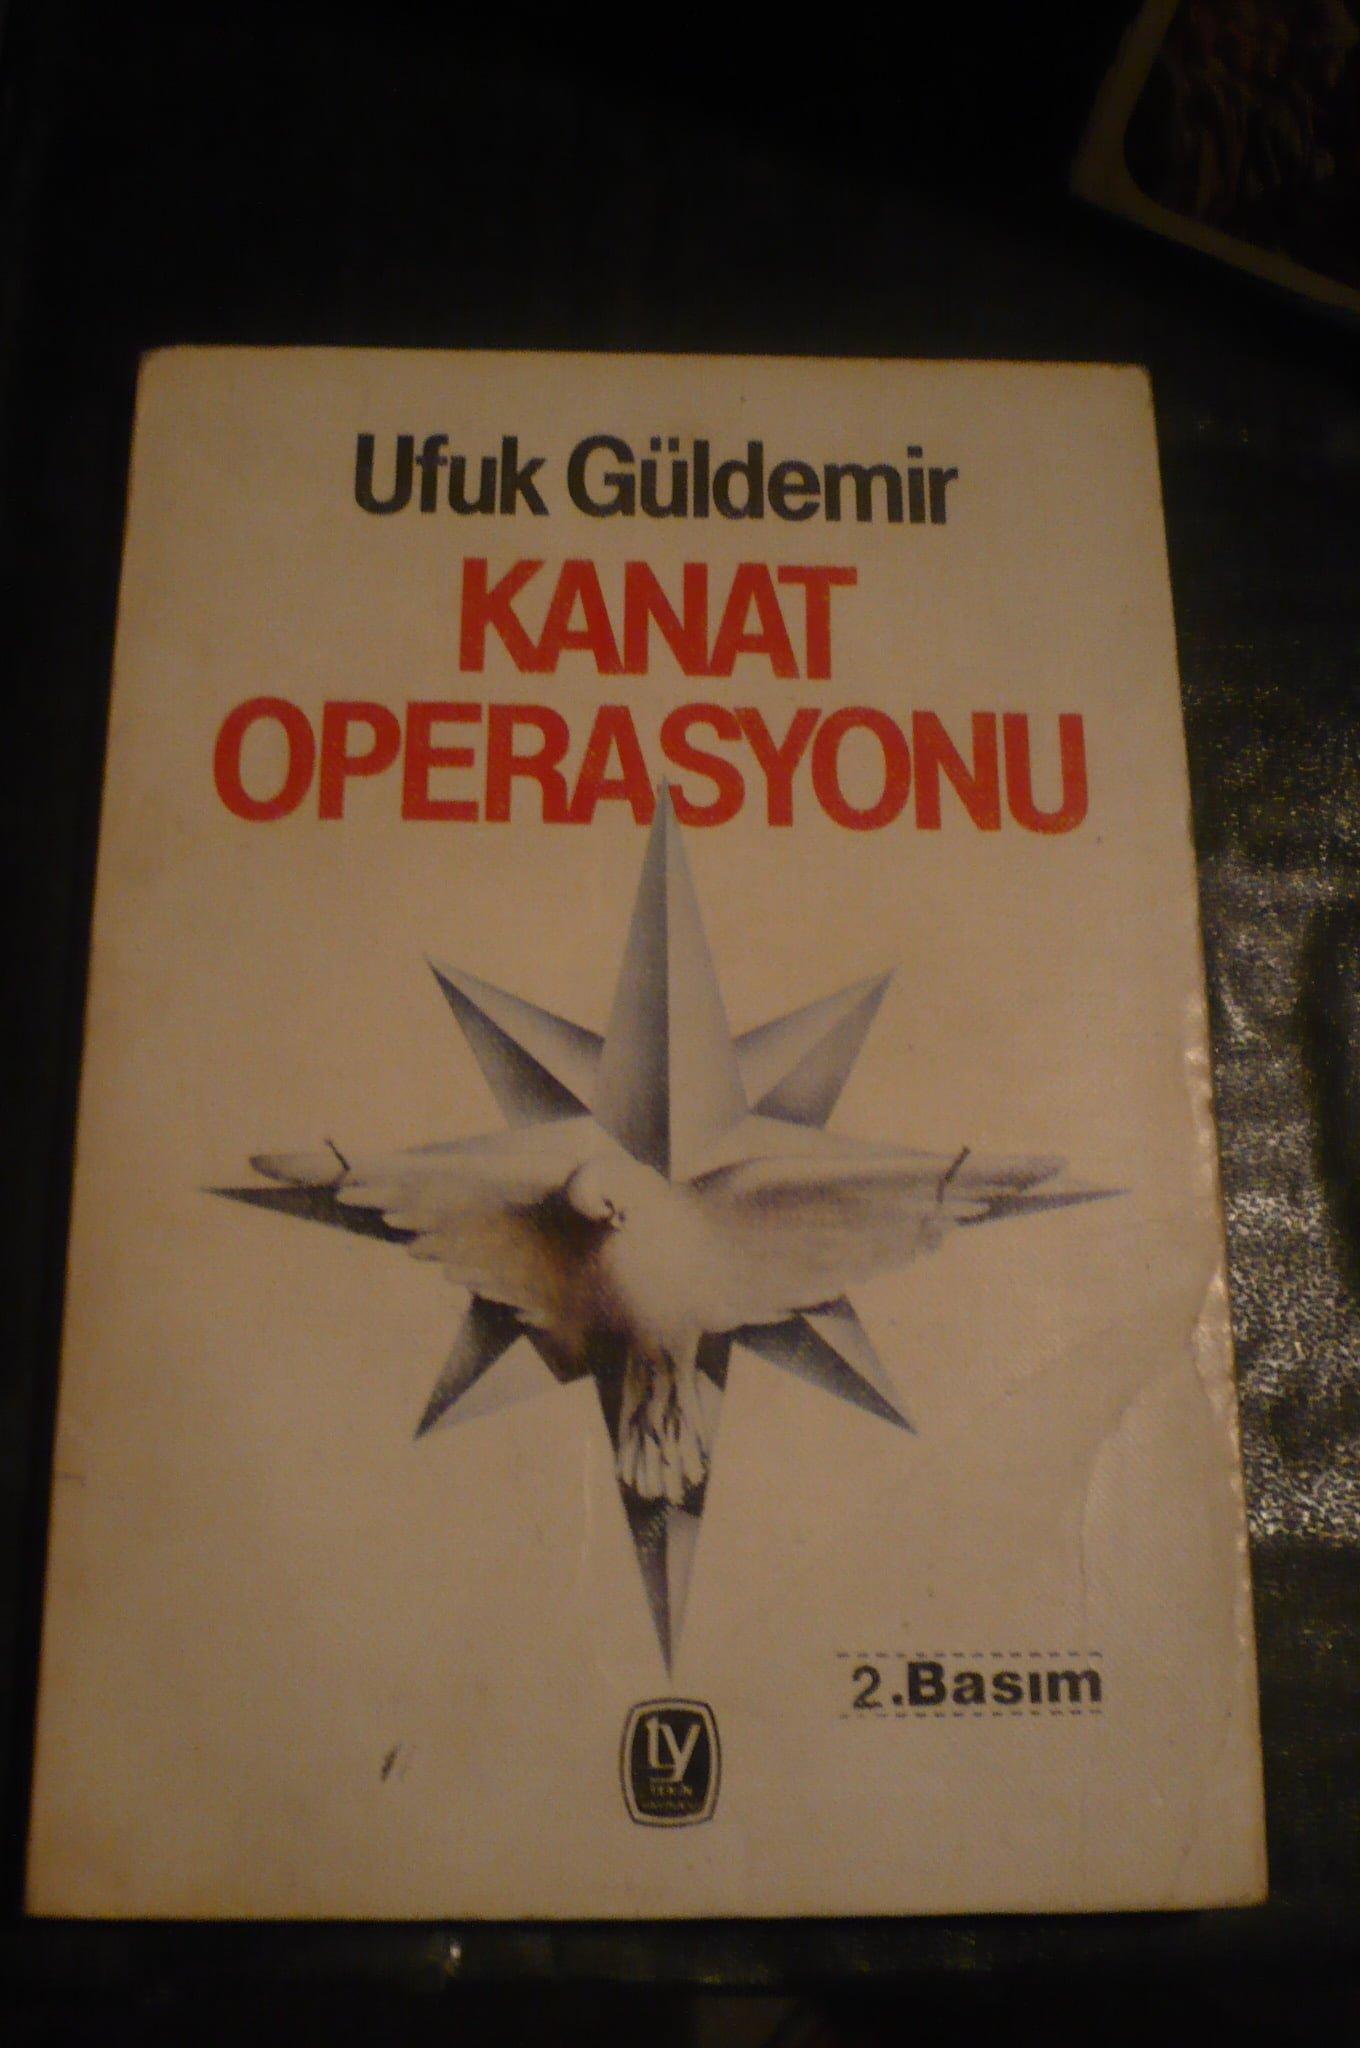 KANAT OPERASYONU/Ufuk Güldemir/ 15 TL